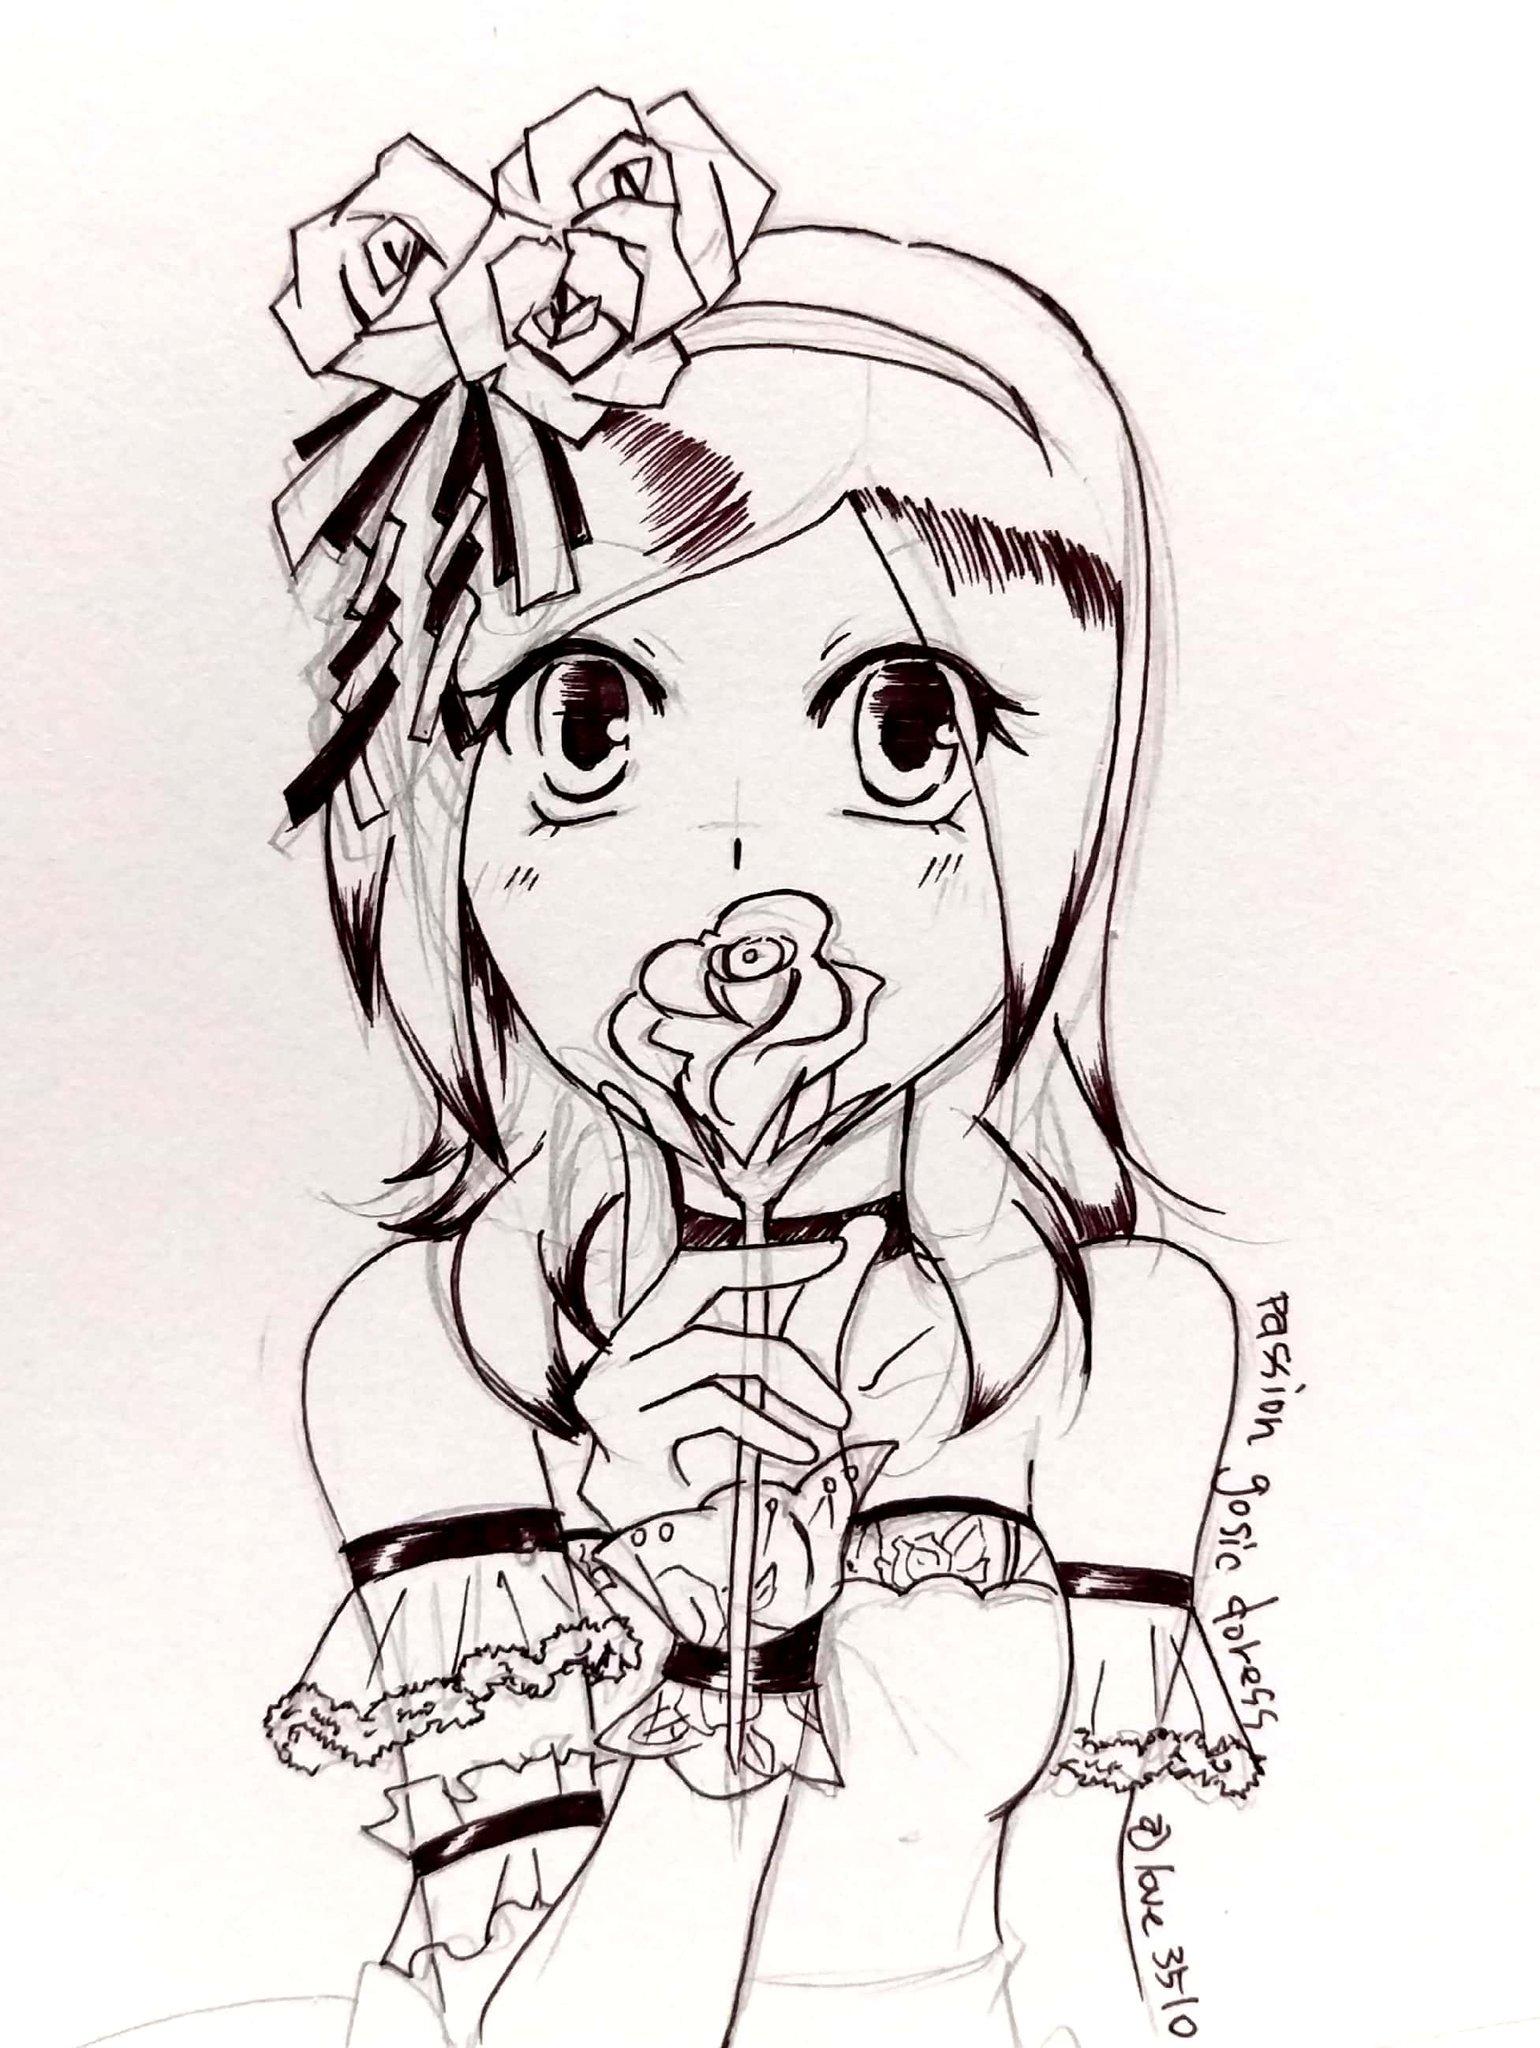 みさむー◆10/6 プリオータム イース (@love3510)さんのイラスト